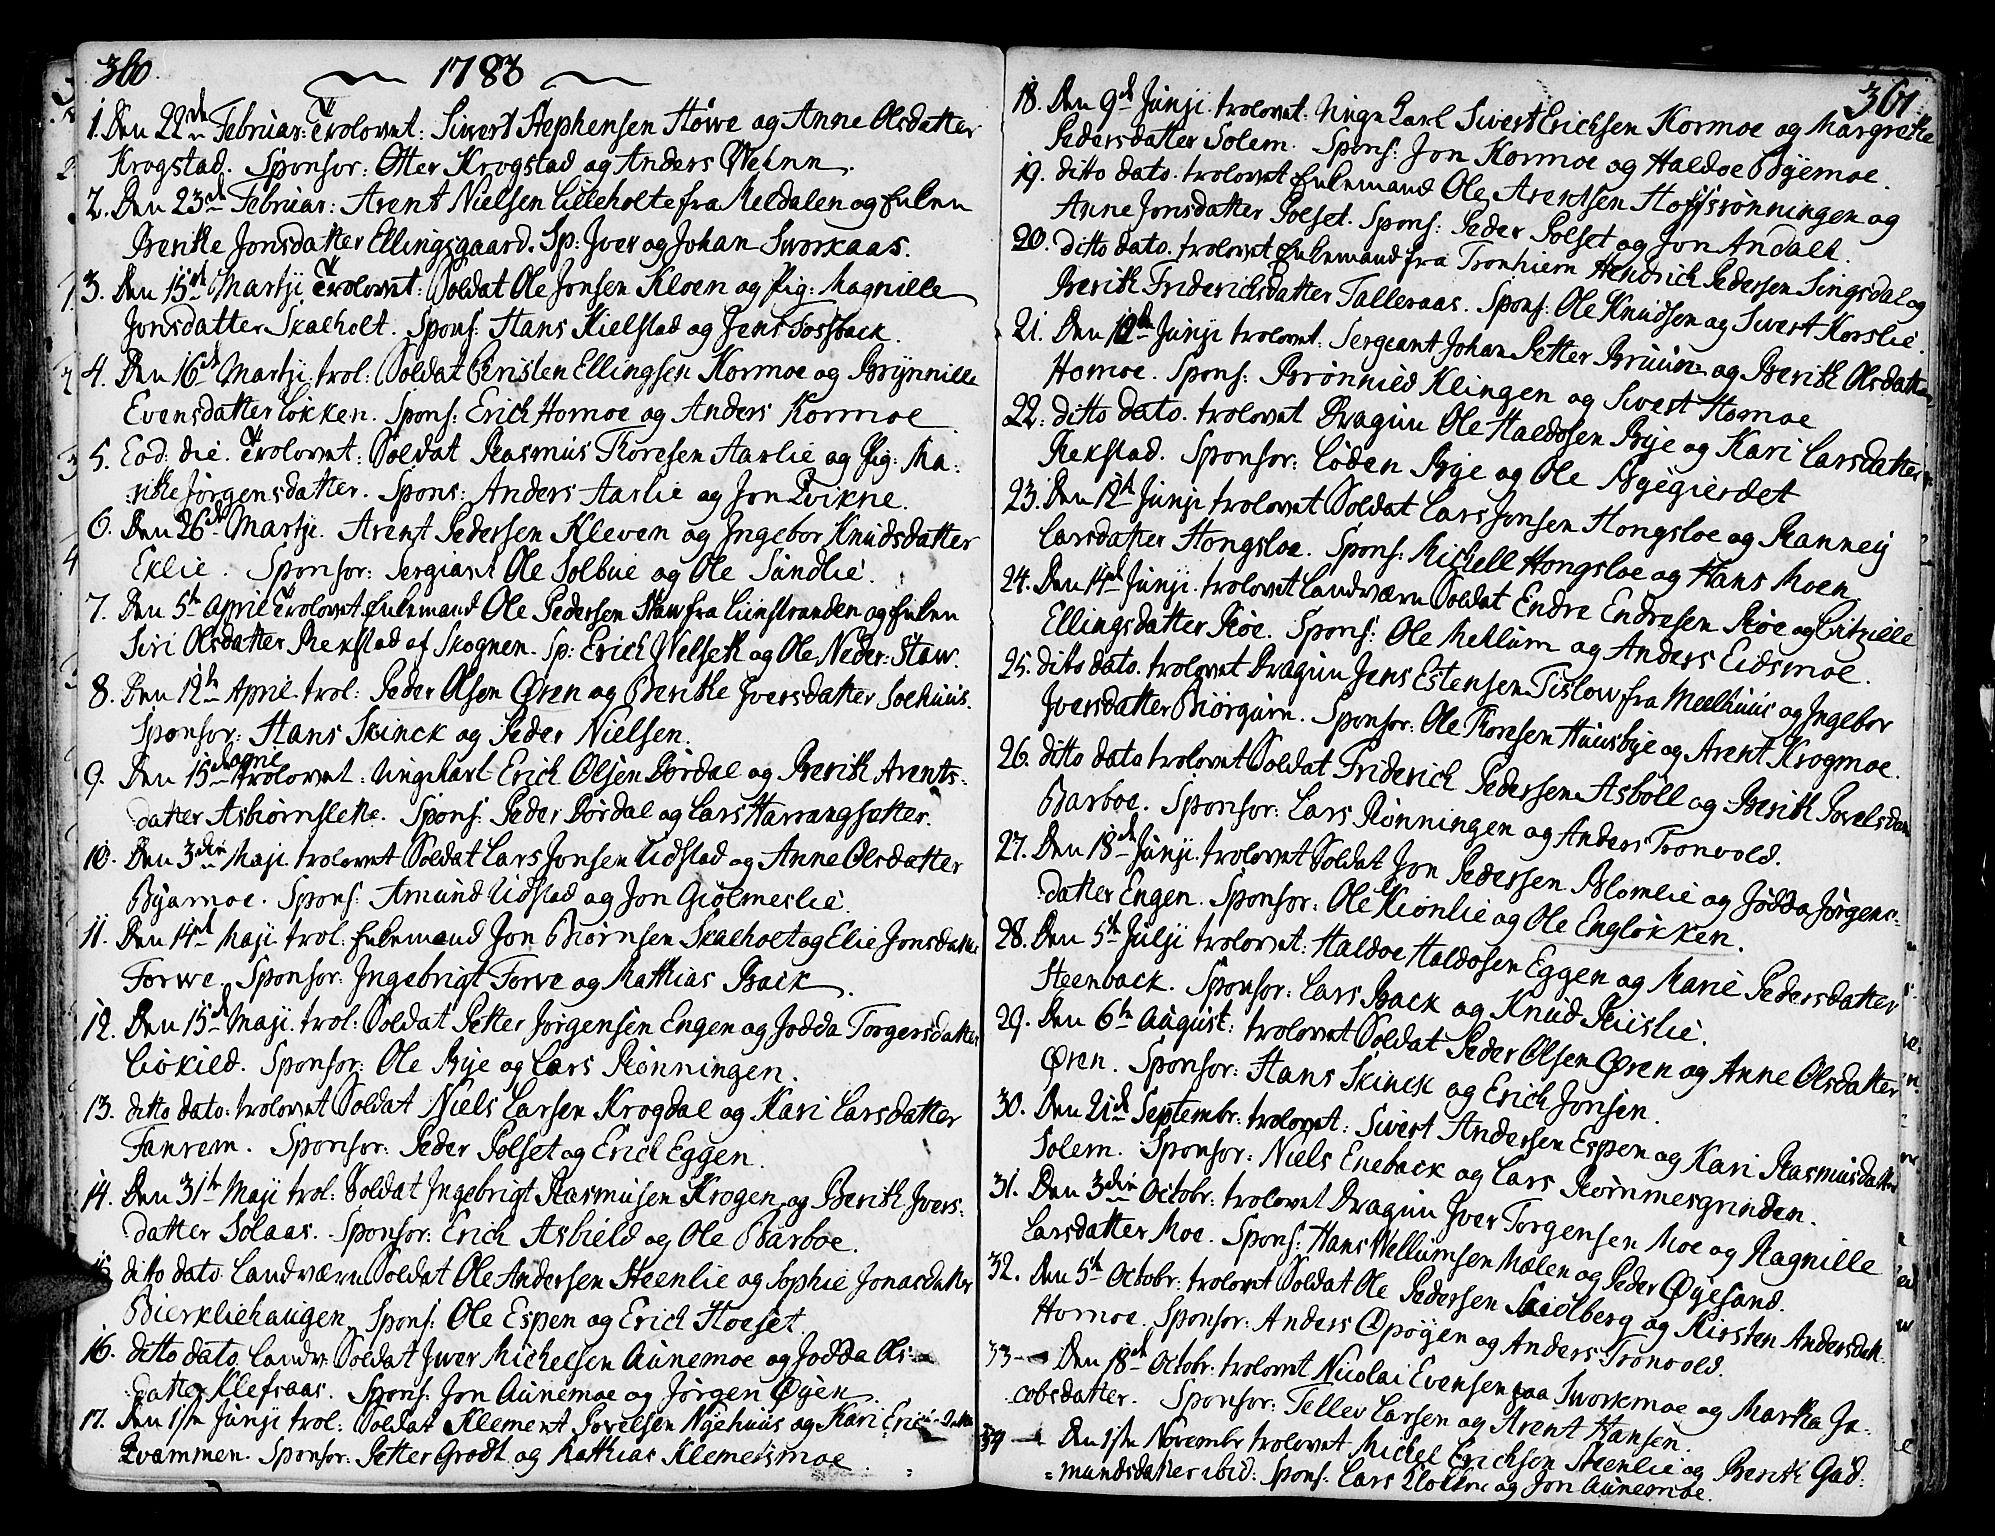 SAT, Ministerialprotokoller, klokkerbøker og fødselsregistre - Sør-Trøndelag, 668/L0802: Ministerialbok nr. 668A02, 1776-1799, s. 360-361